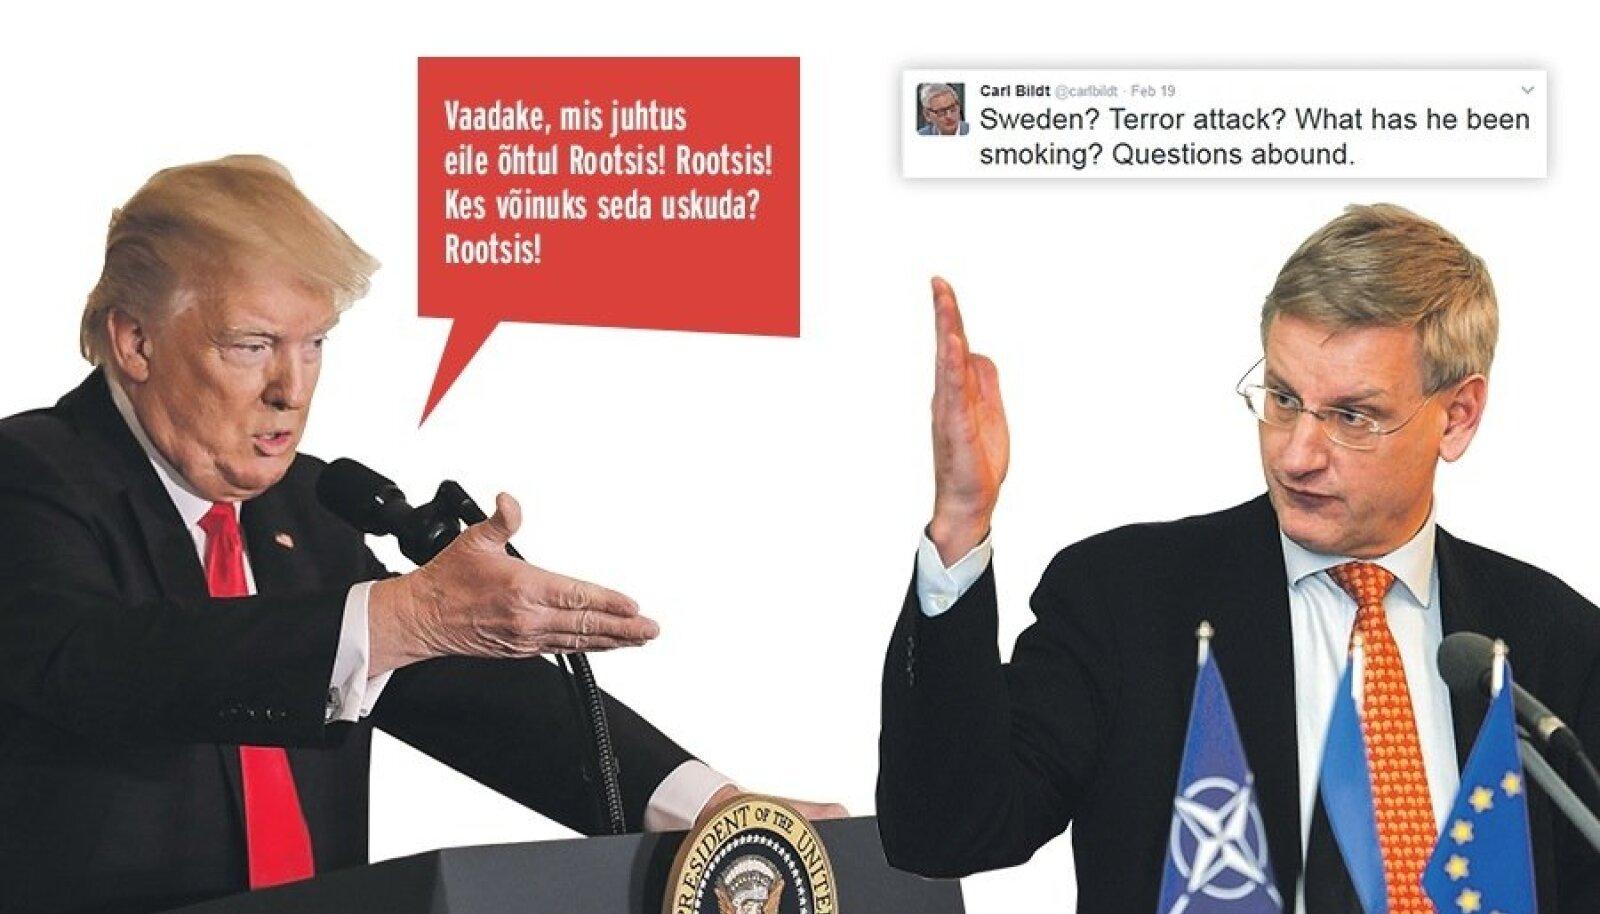 """Donald Trumpi (vasakul) öeldust võis jääda mulje, justkui oleks ta viidanud Rootsis eelmisel päeval toimunud terrorirünnakule. Rootsi ekspeaminister Carl Bildt reageeris Twitteris teravalt: """"Rootsi? Terrorirünnak? Mida ta suitsetanud on?"""""""